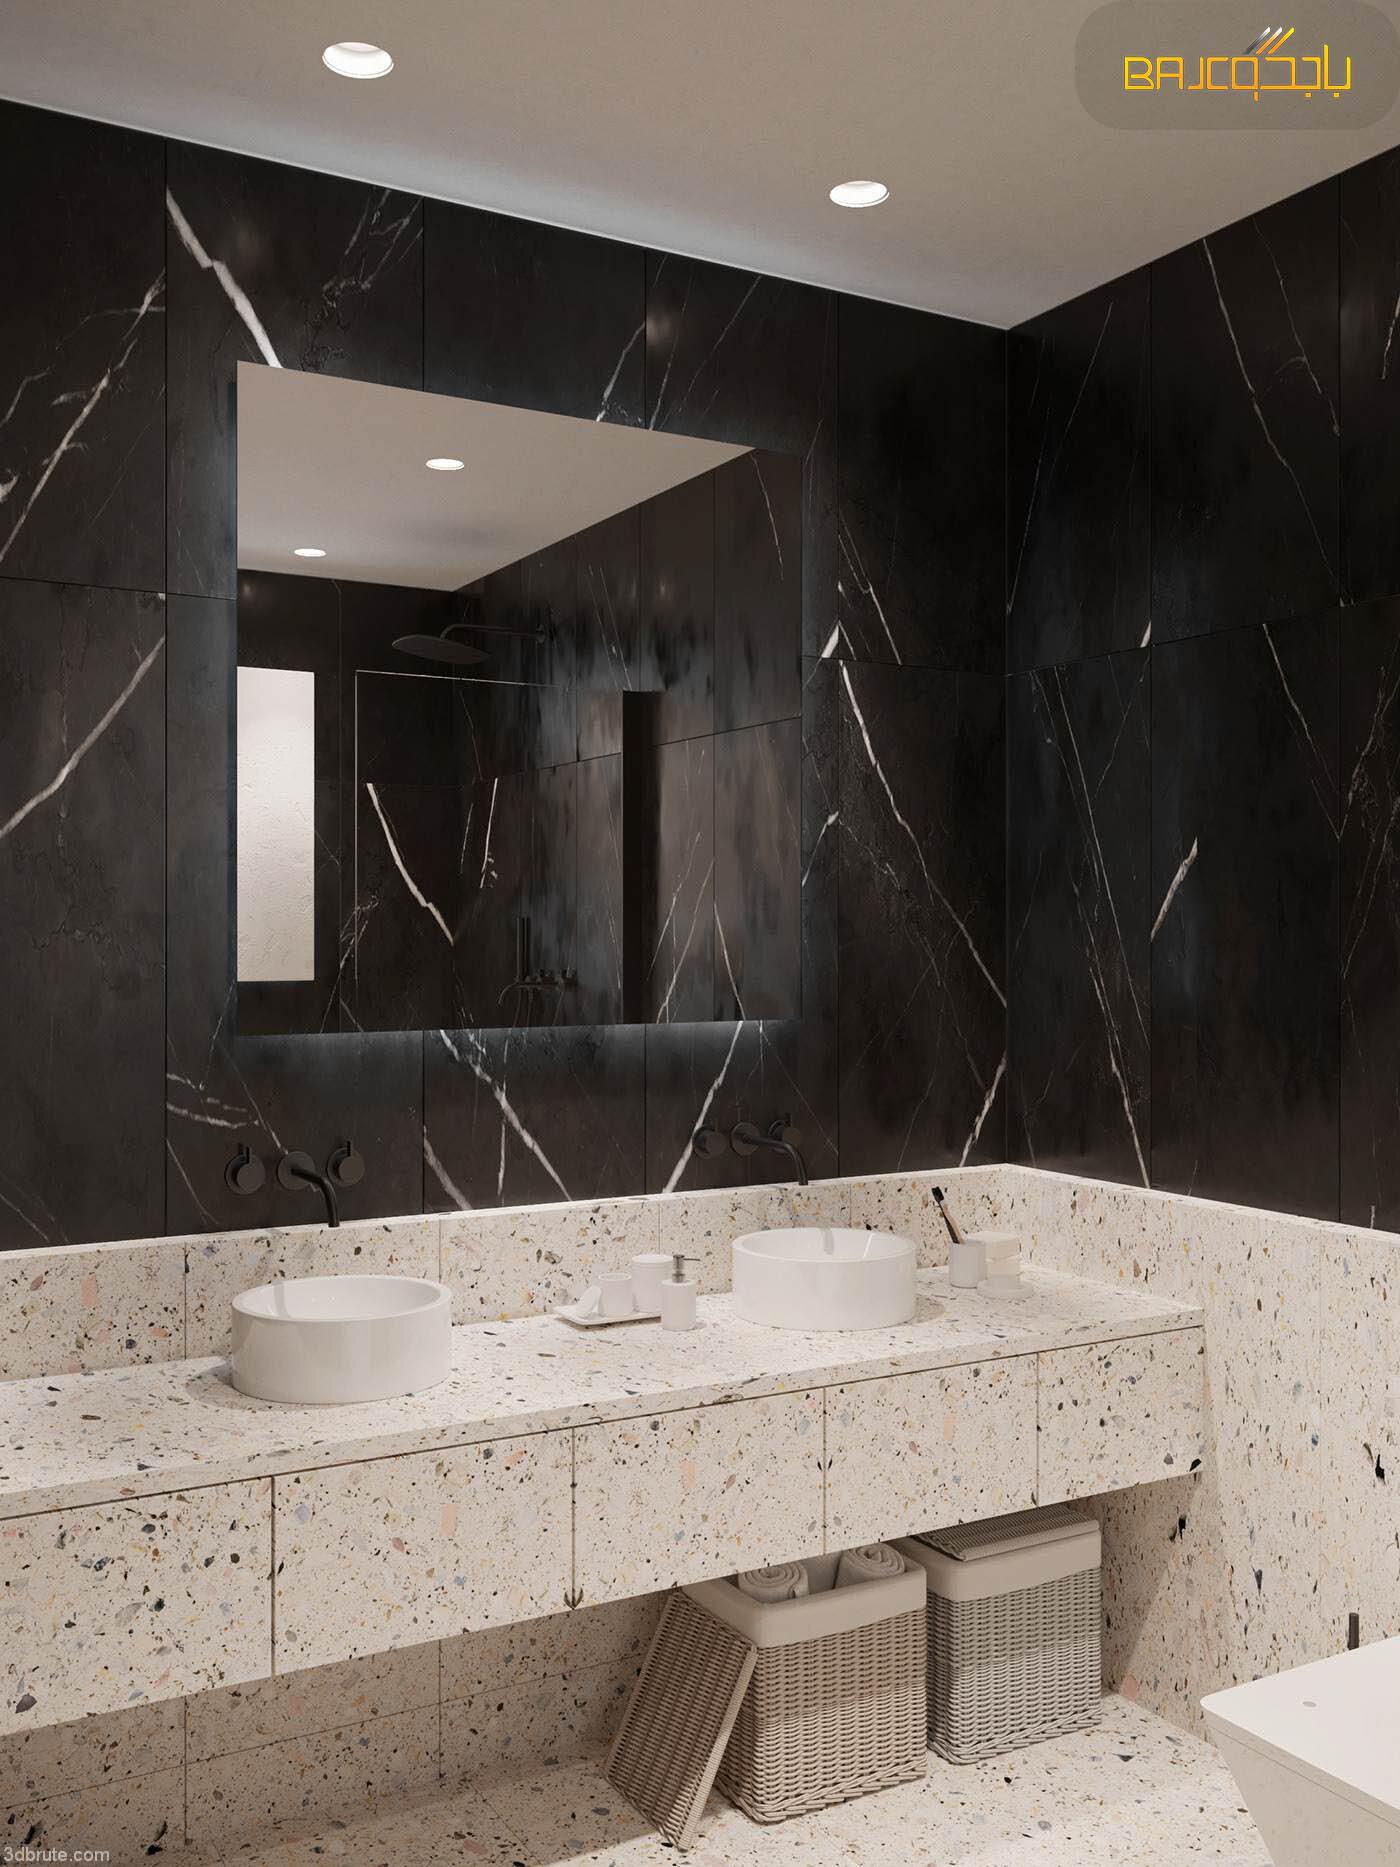 مغسلة تيرازو داخل الحمام 3 احواض